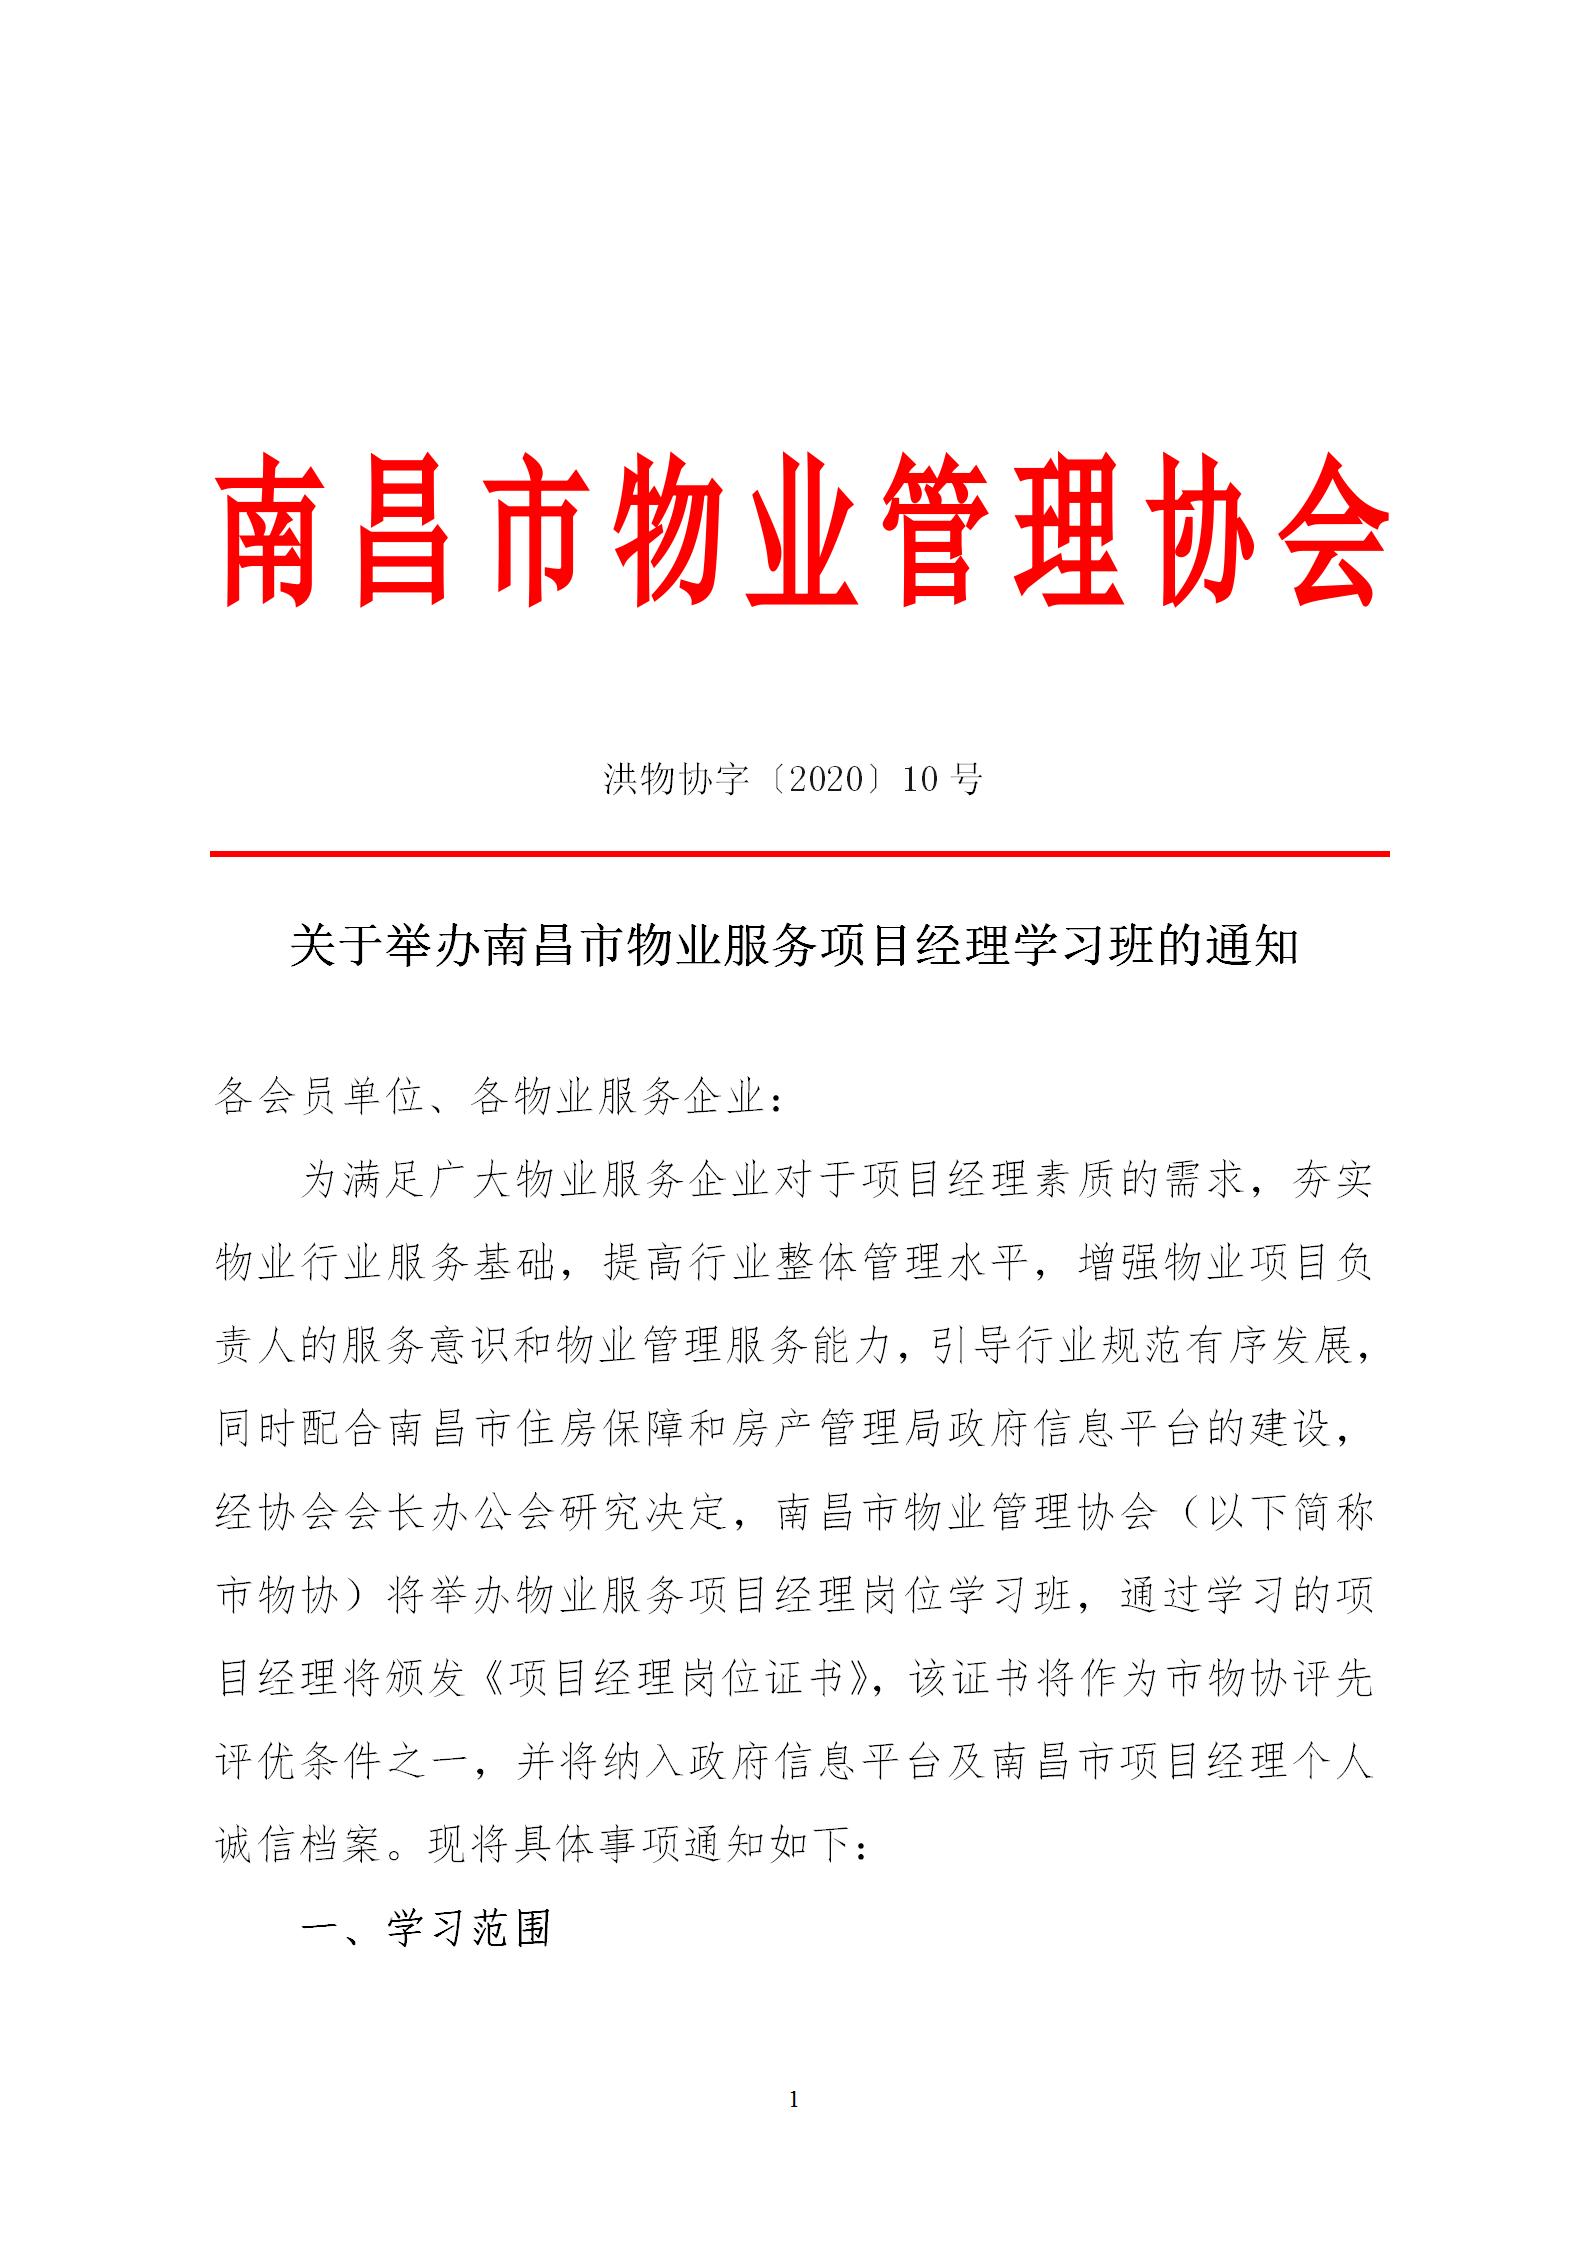 洪物协字[2020]10号 关于举办南昌市物业服务项目经理学习班的通知_01.png